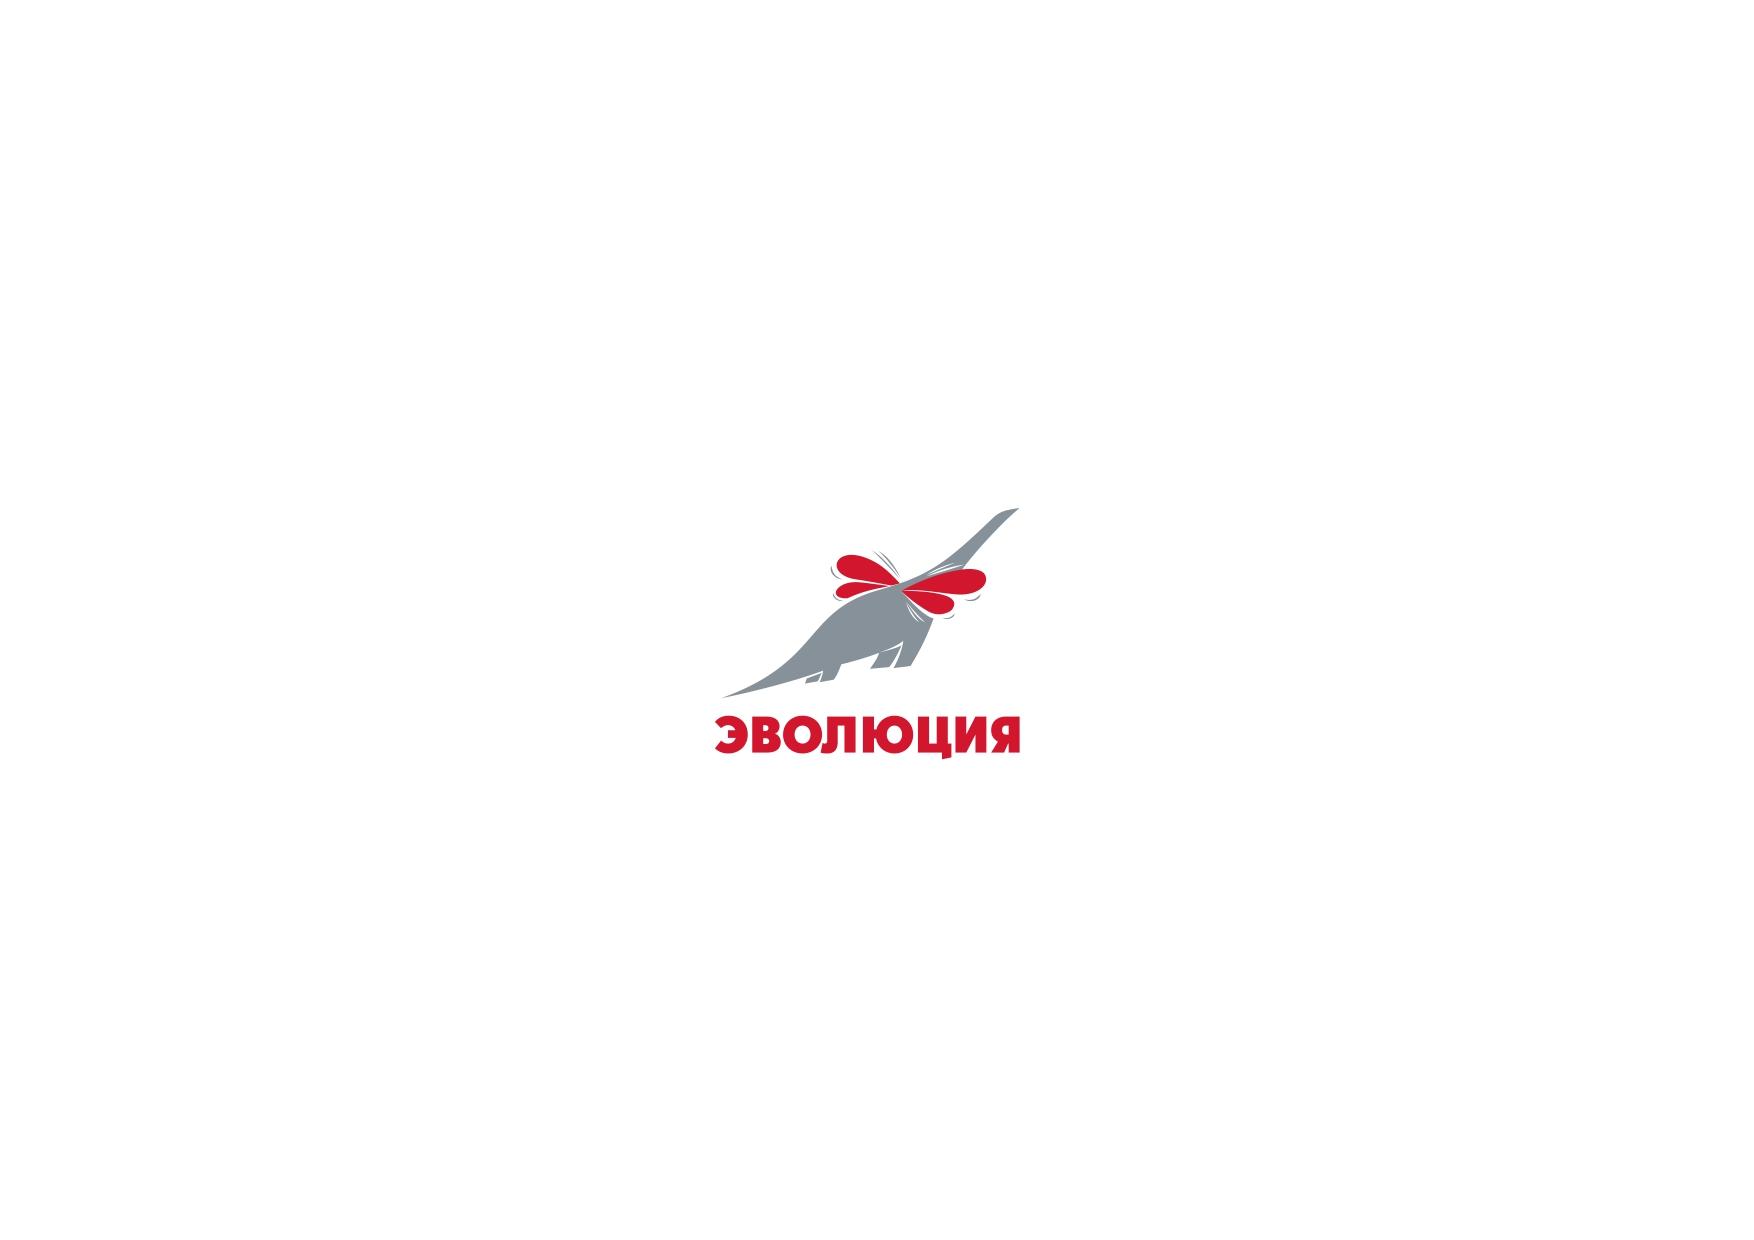 Разработать логотип для Онлайн-школы и сообщества фото f_1445bc88649727bd.jpg